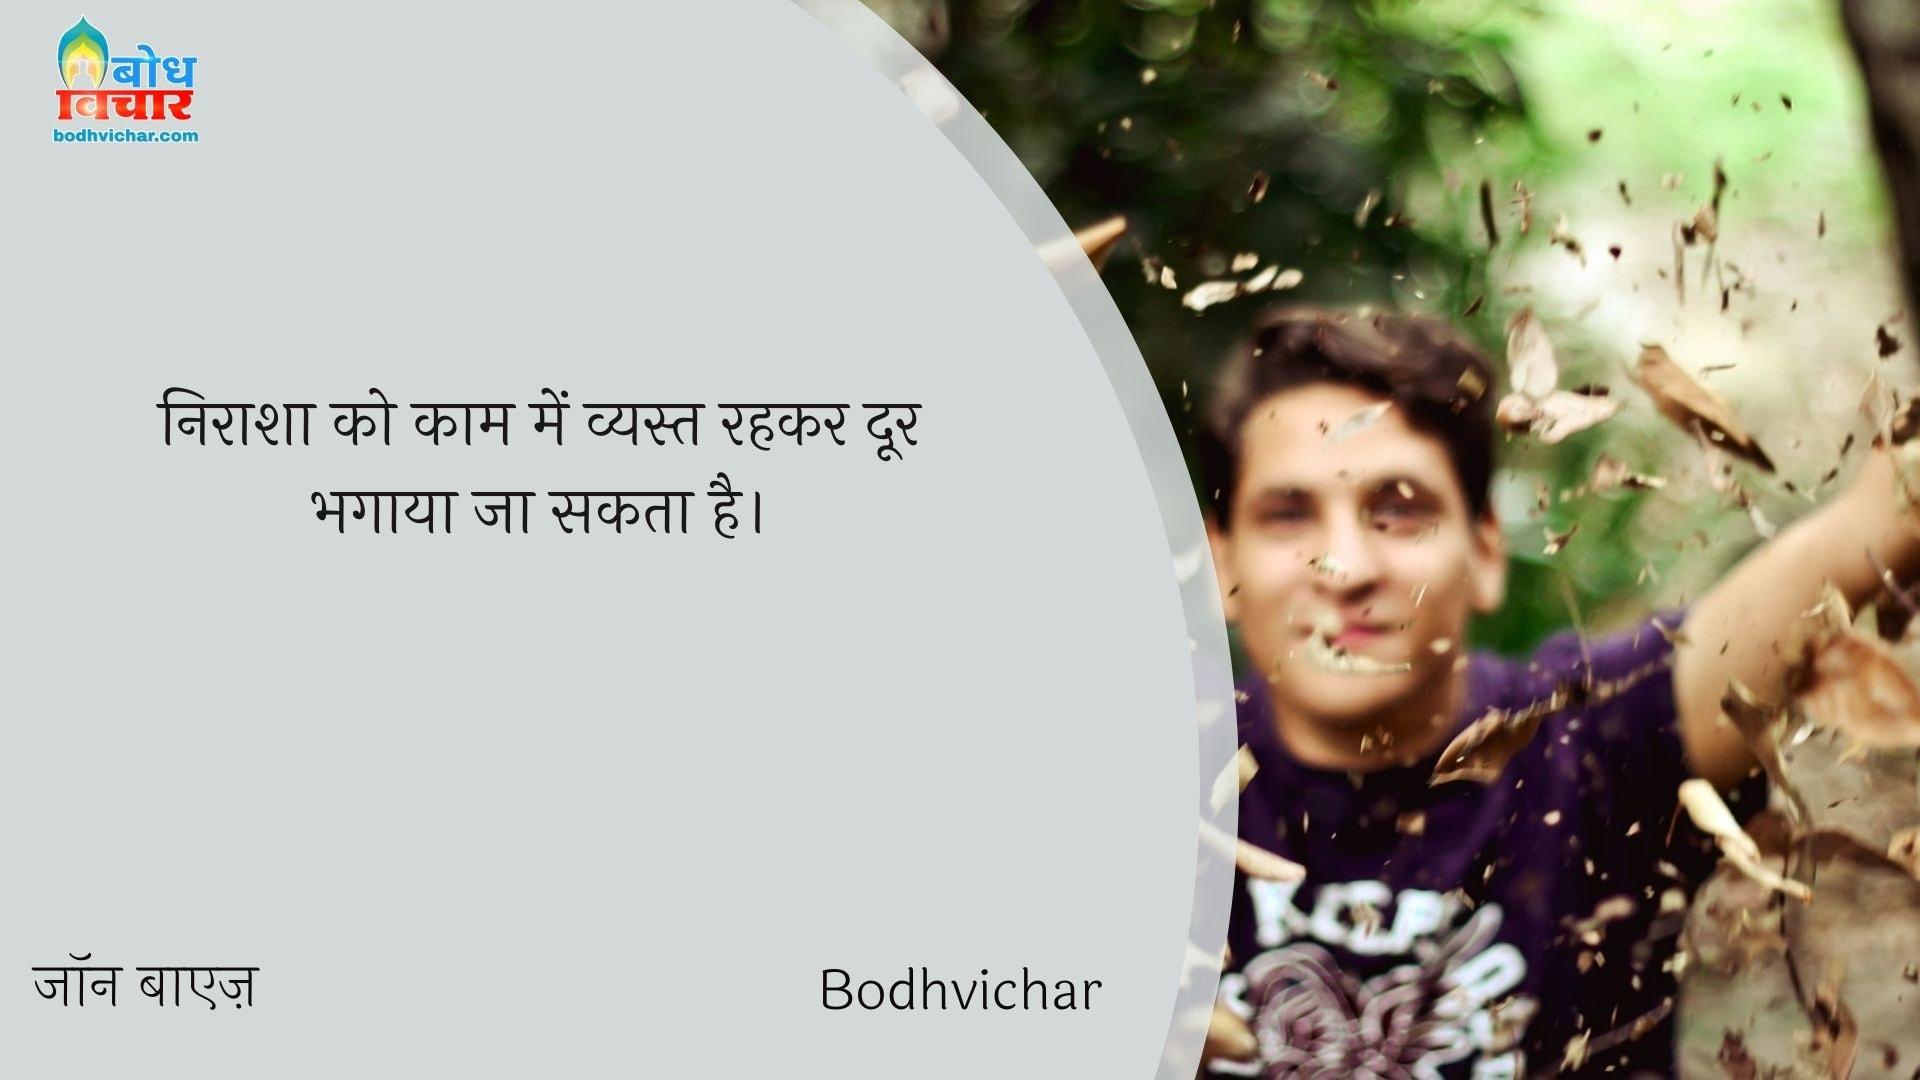 निराशा को काम में व्यस्त रहकर दूर भगाया जा सकता है। : Nirasha ko kaammein vyast rahkar door bhagaya ja sakta hai. - जॉन बाएज़